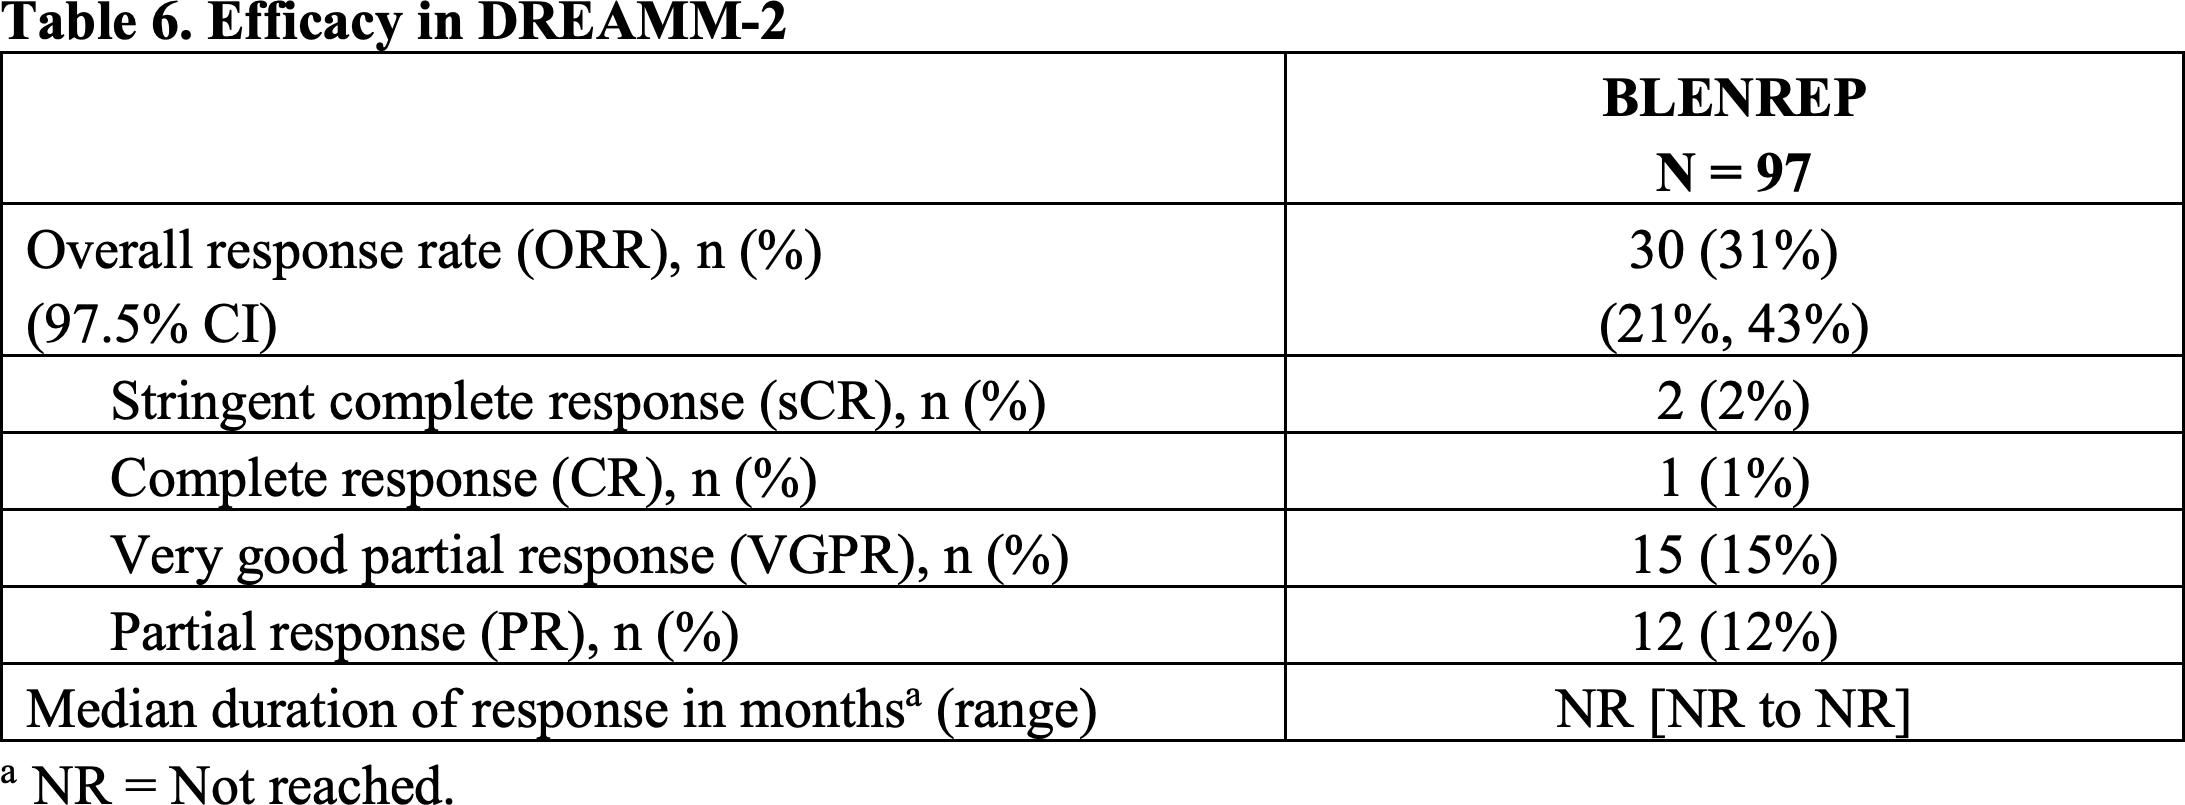 nct03525678 results 01 - «Бленреп»: новое лекарство против множественной миеломы